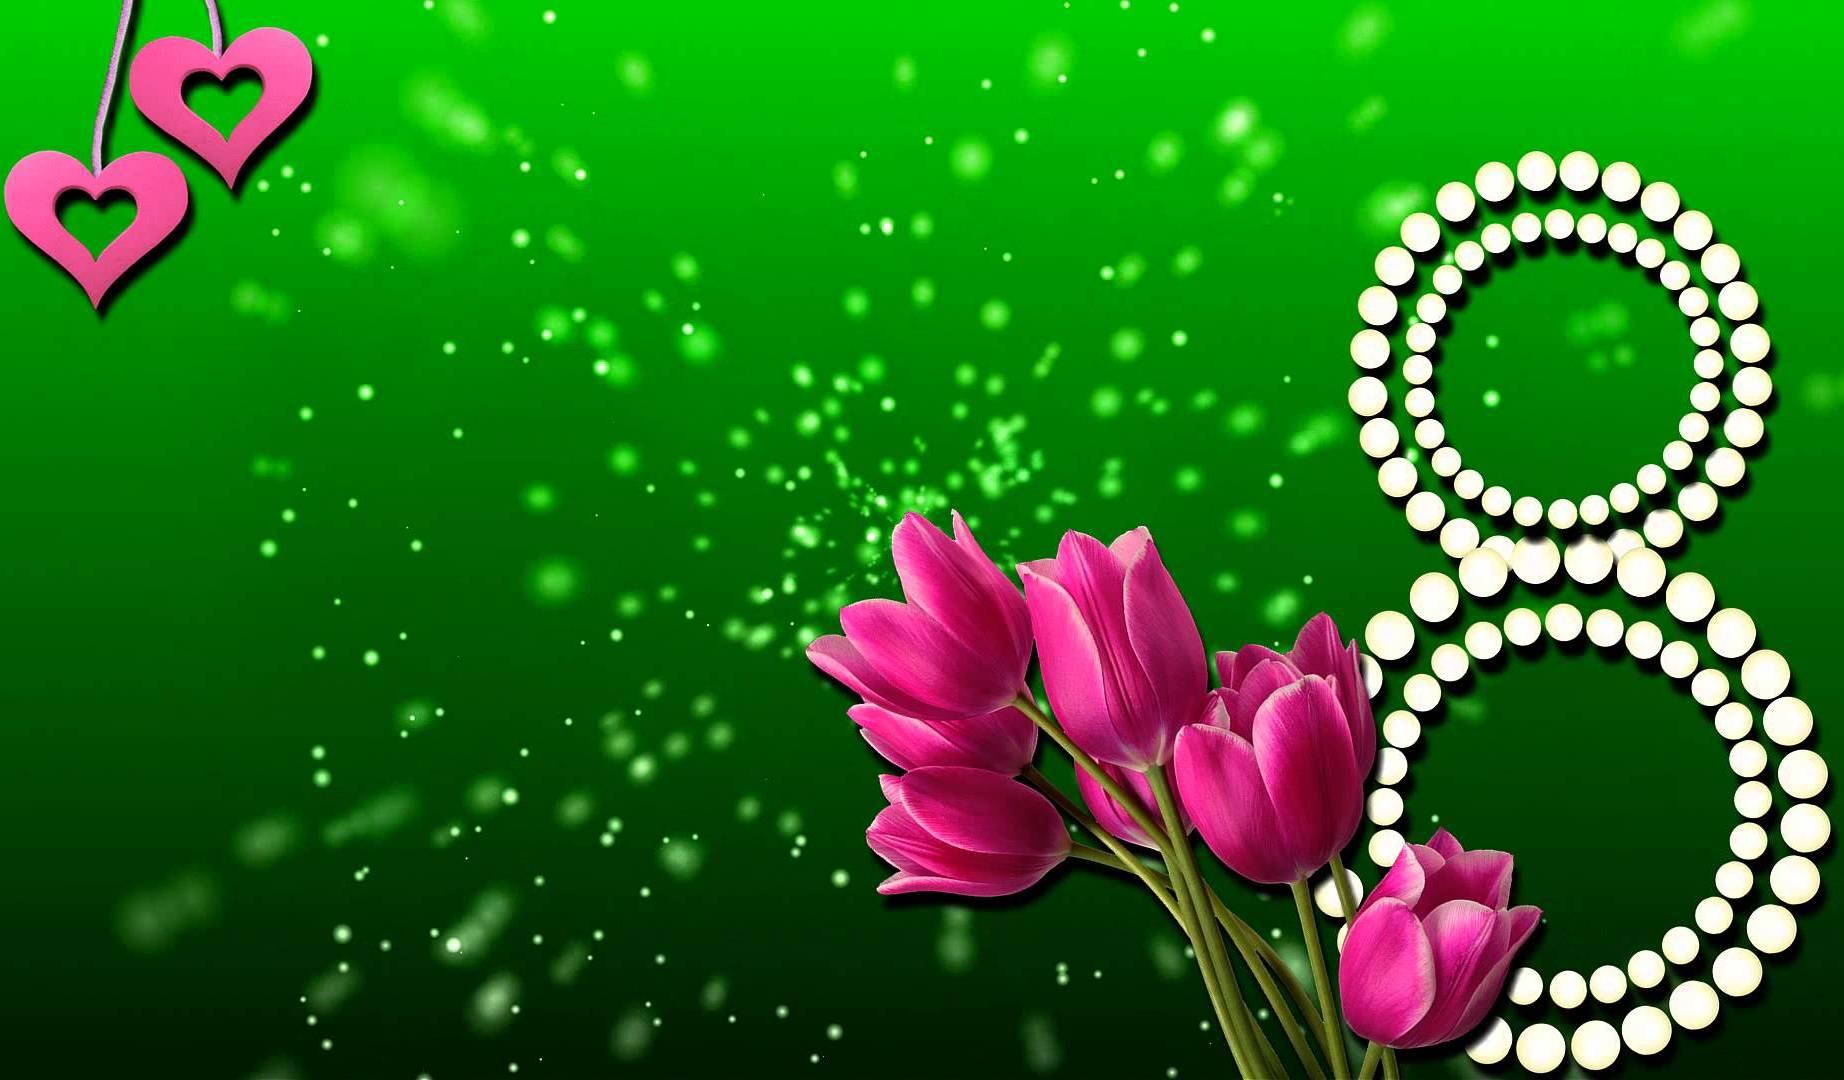 может имитировать с 8 марта анимационные цветы га весь экран обязательное пенсионное